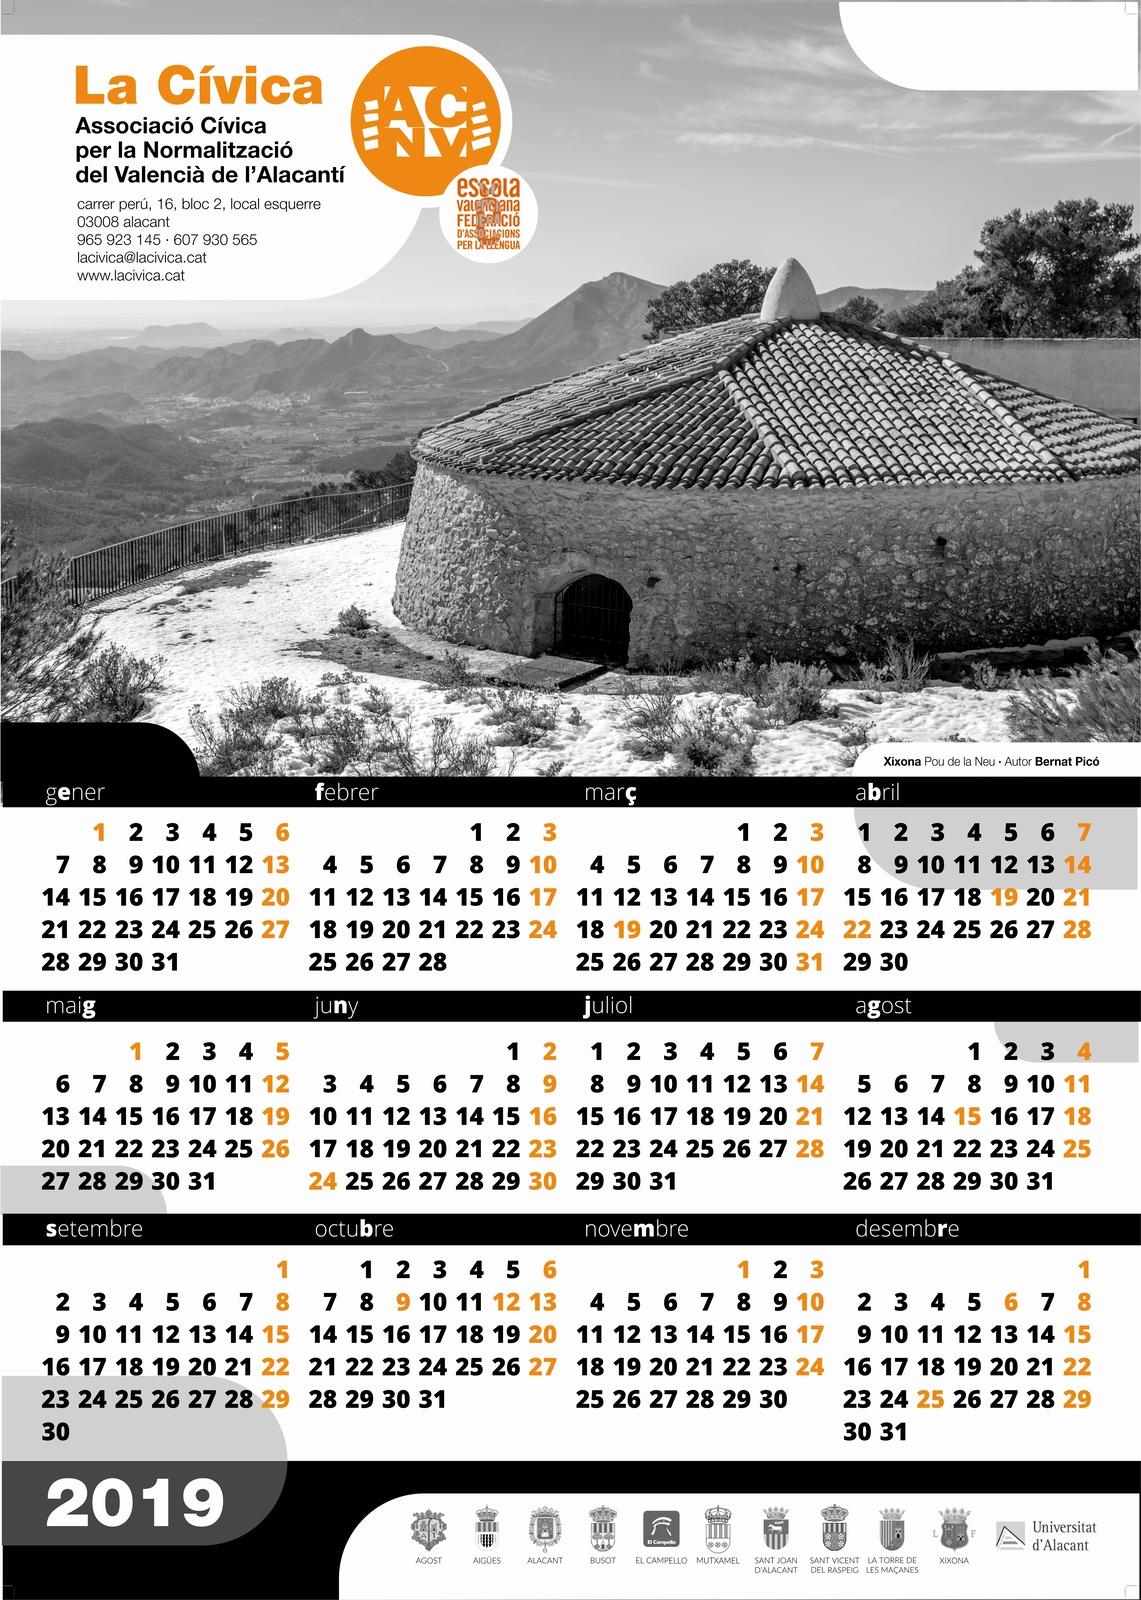 Calendari La Cívica 2019